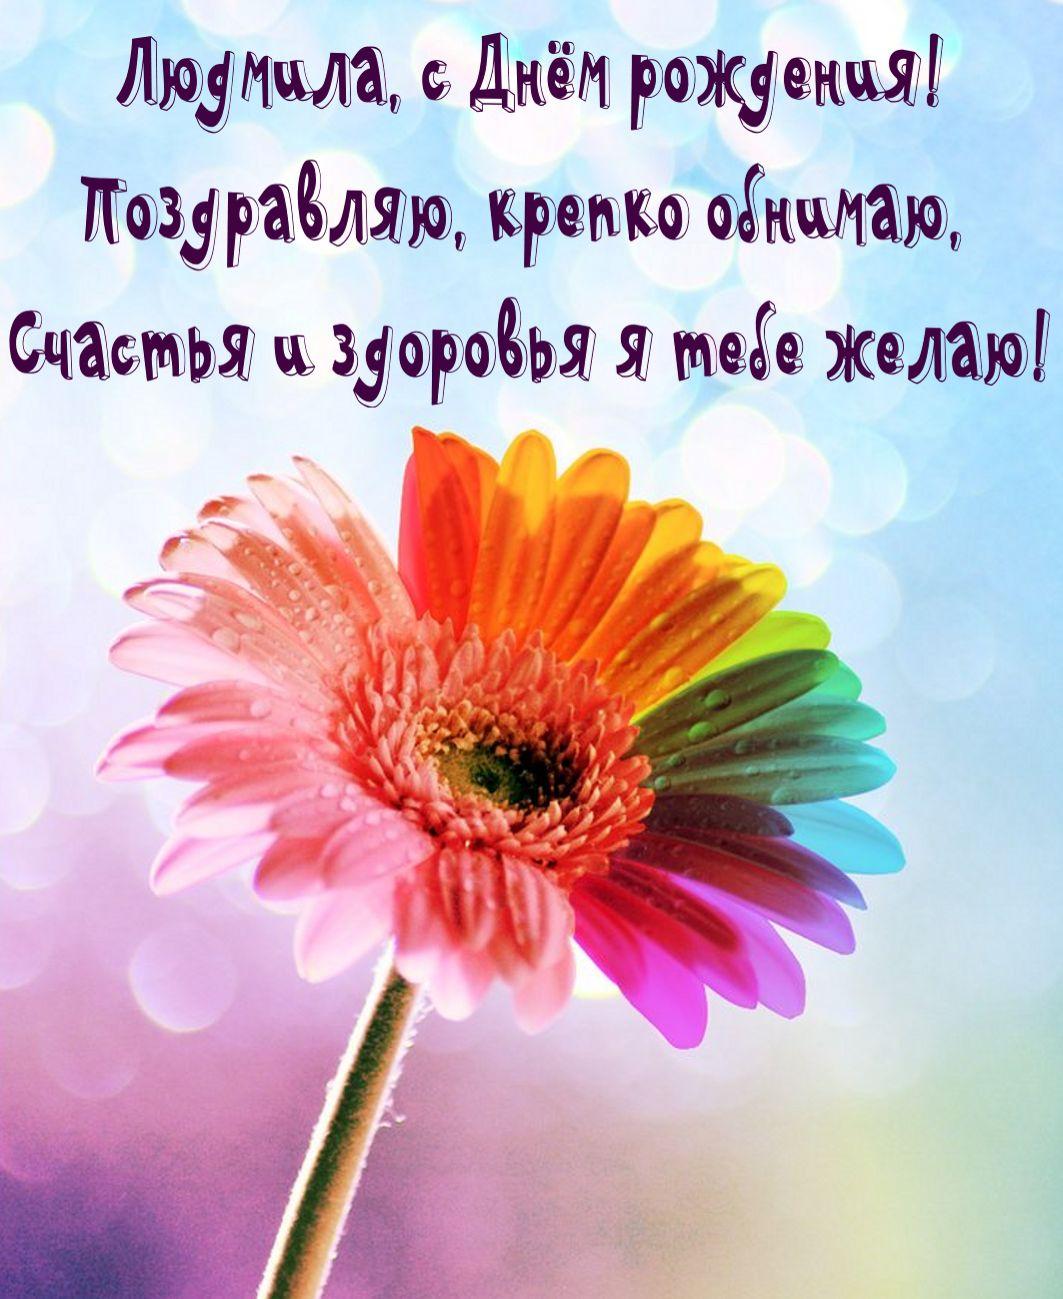 Яркий цветок и поздравление Людмиле